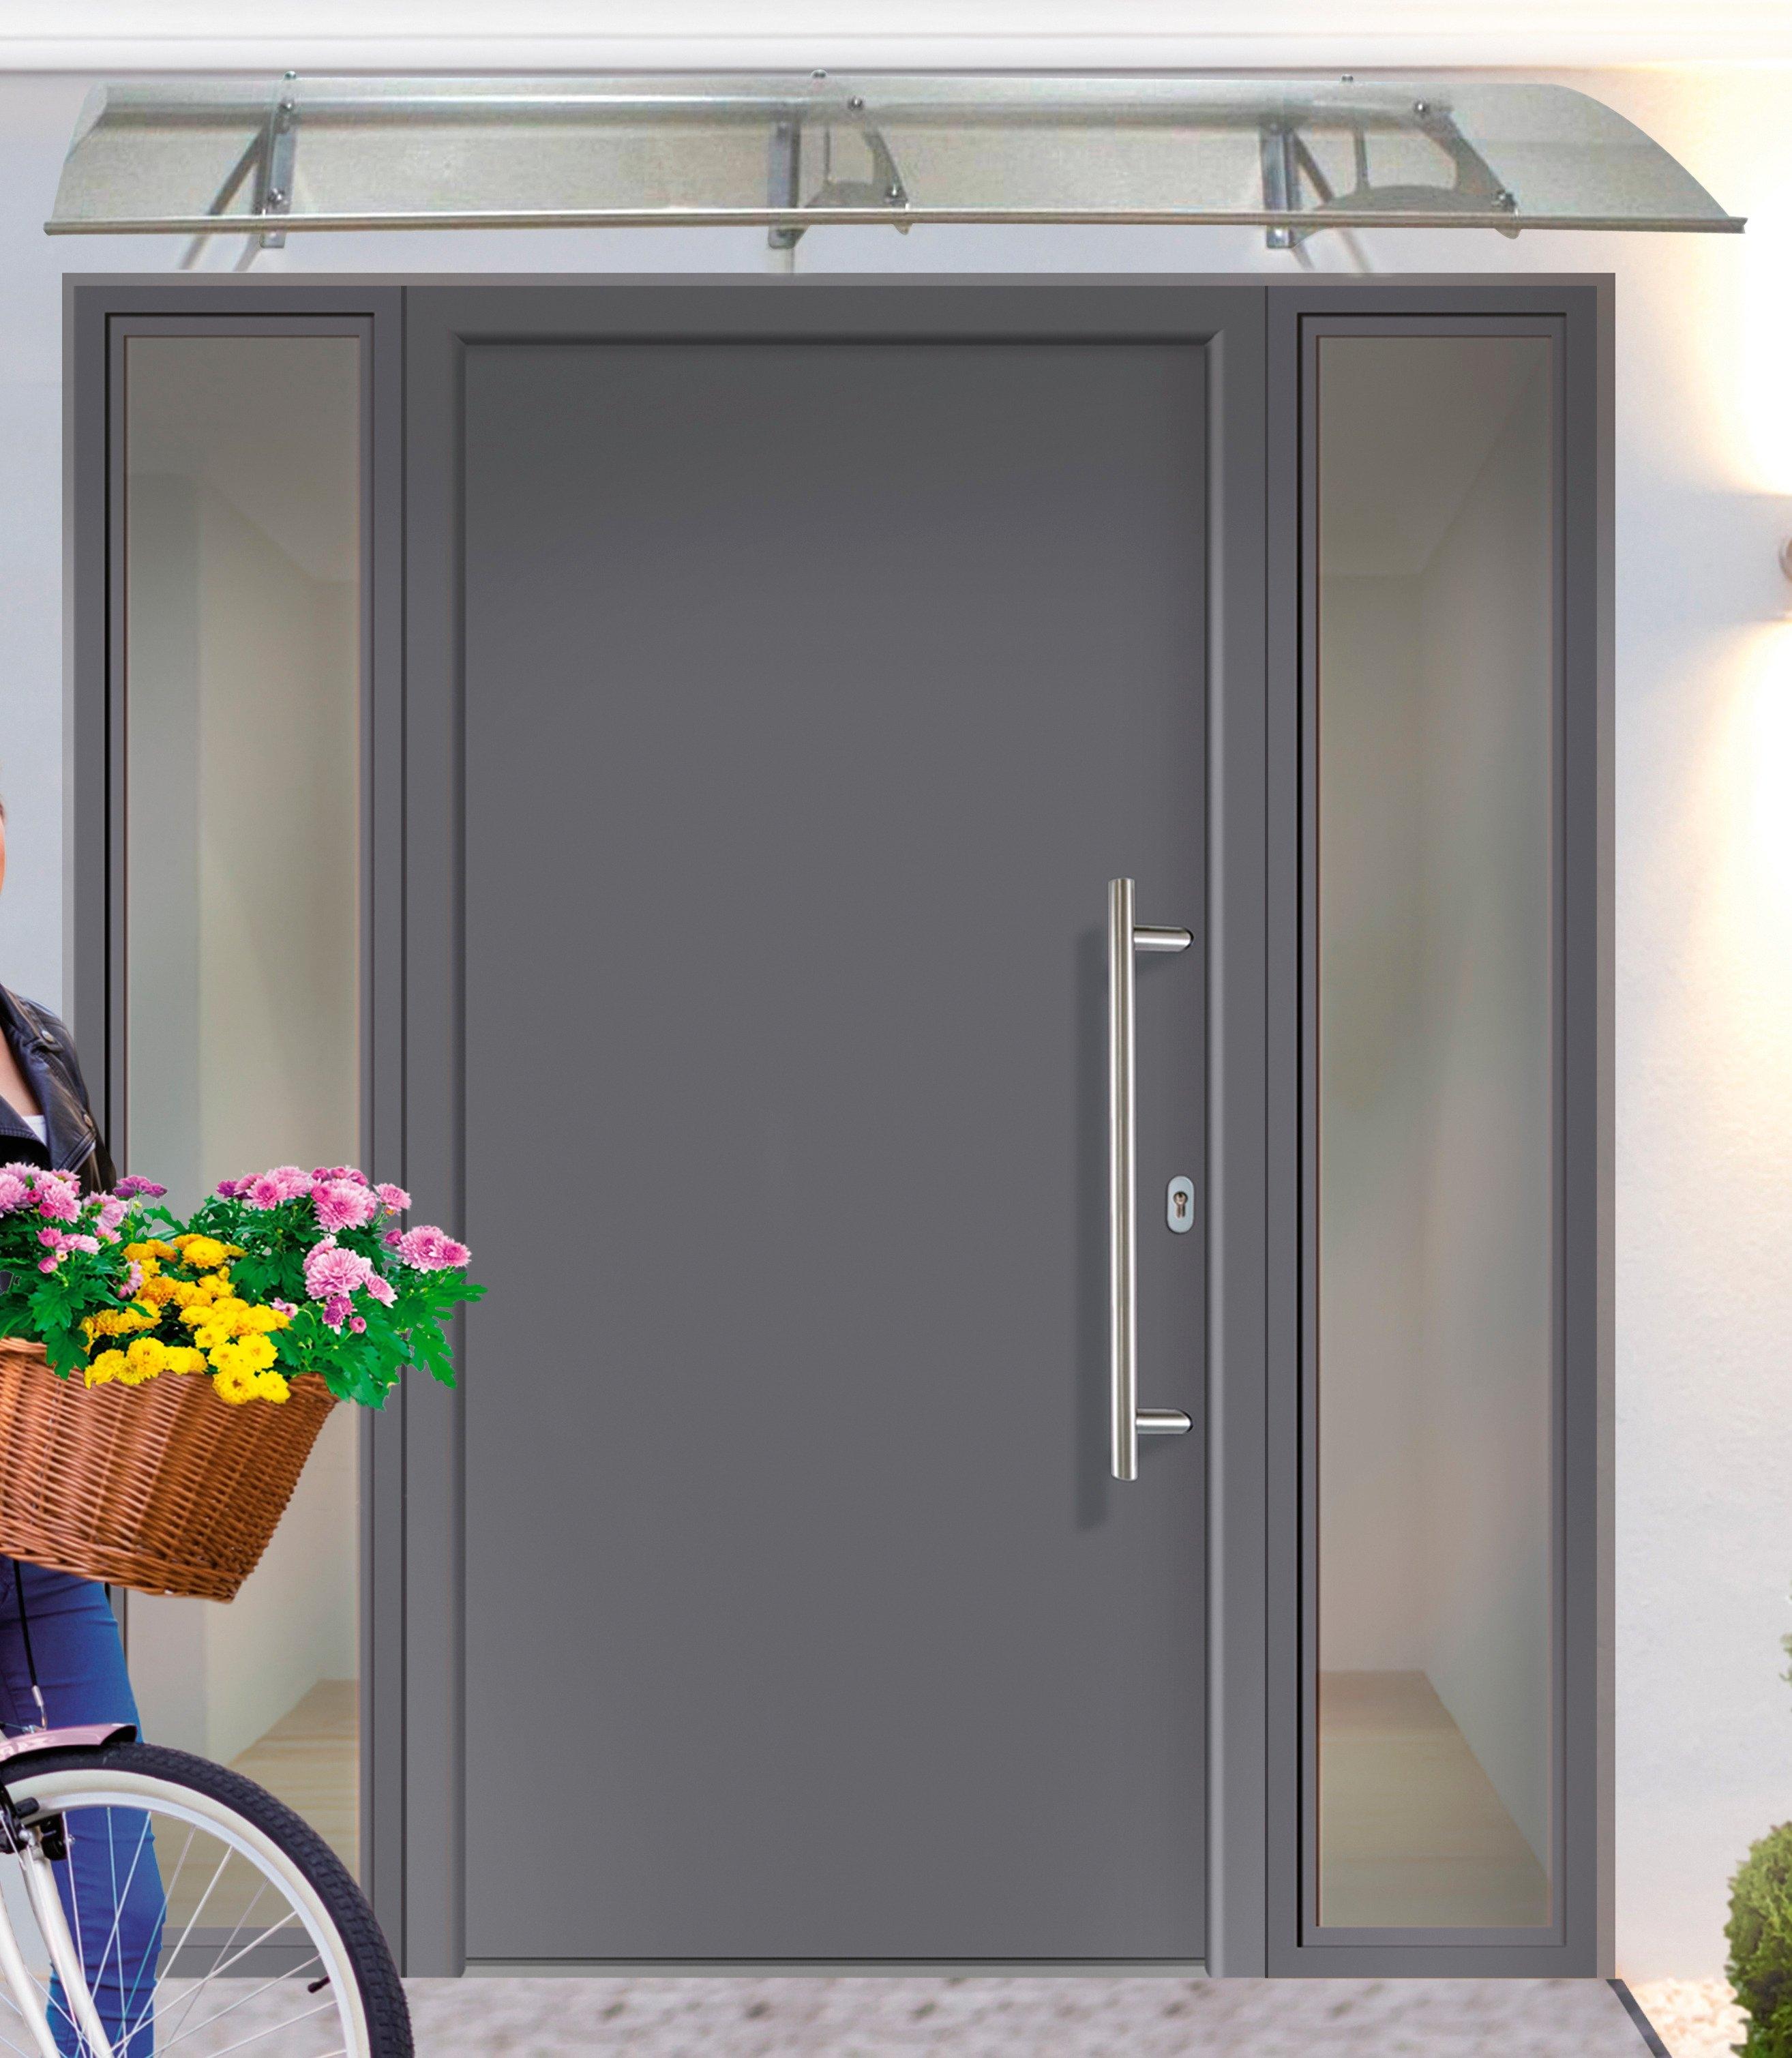 Op zoek naar een Km Zaun KM MEETH ZAUN GMBH Aluminiumvoordeur »A01«, Bxh: 98x208 cm, antraciet, in 2 varianten? Koop online bij OTTO